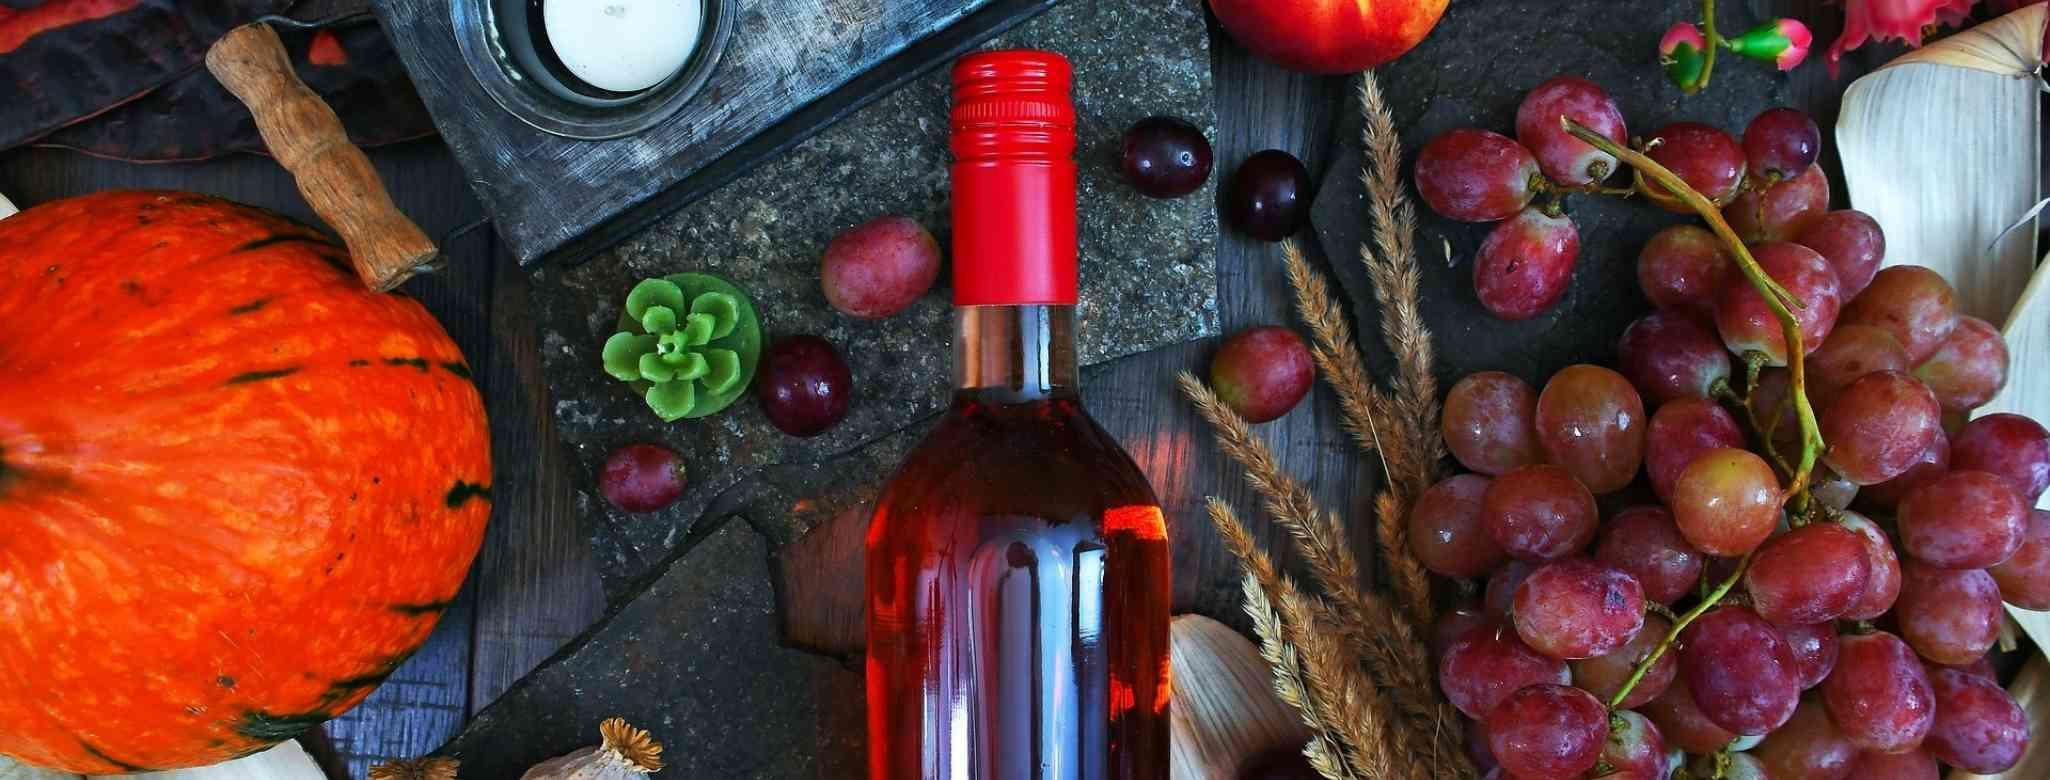 יין רוזה הכי טוב